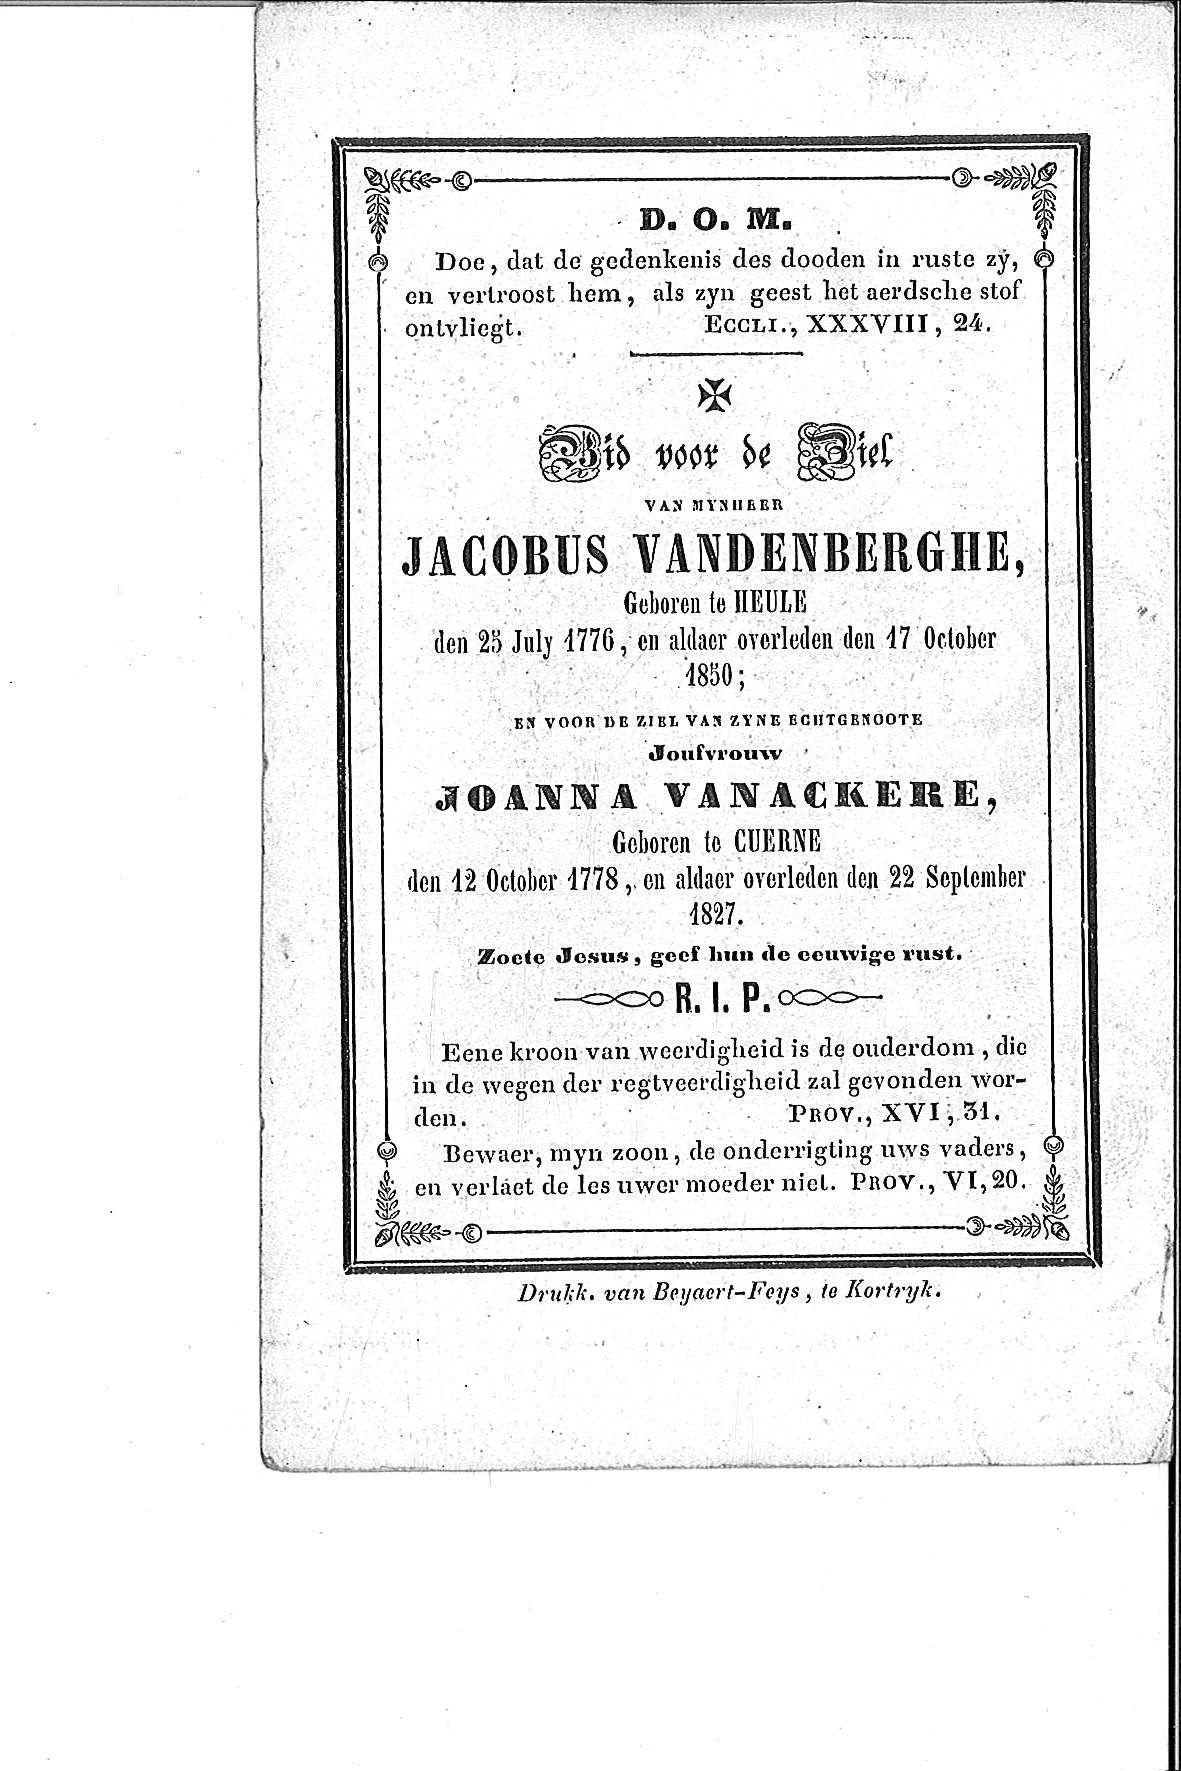 Joanna(1827)20150731091247_00001.jpg